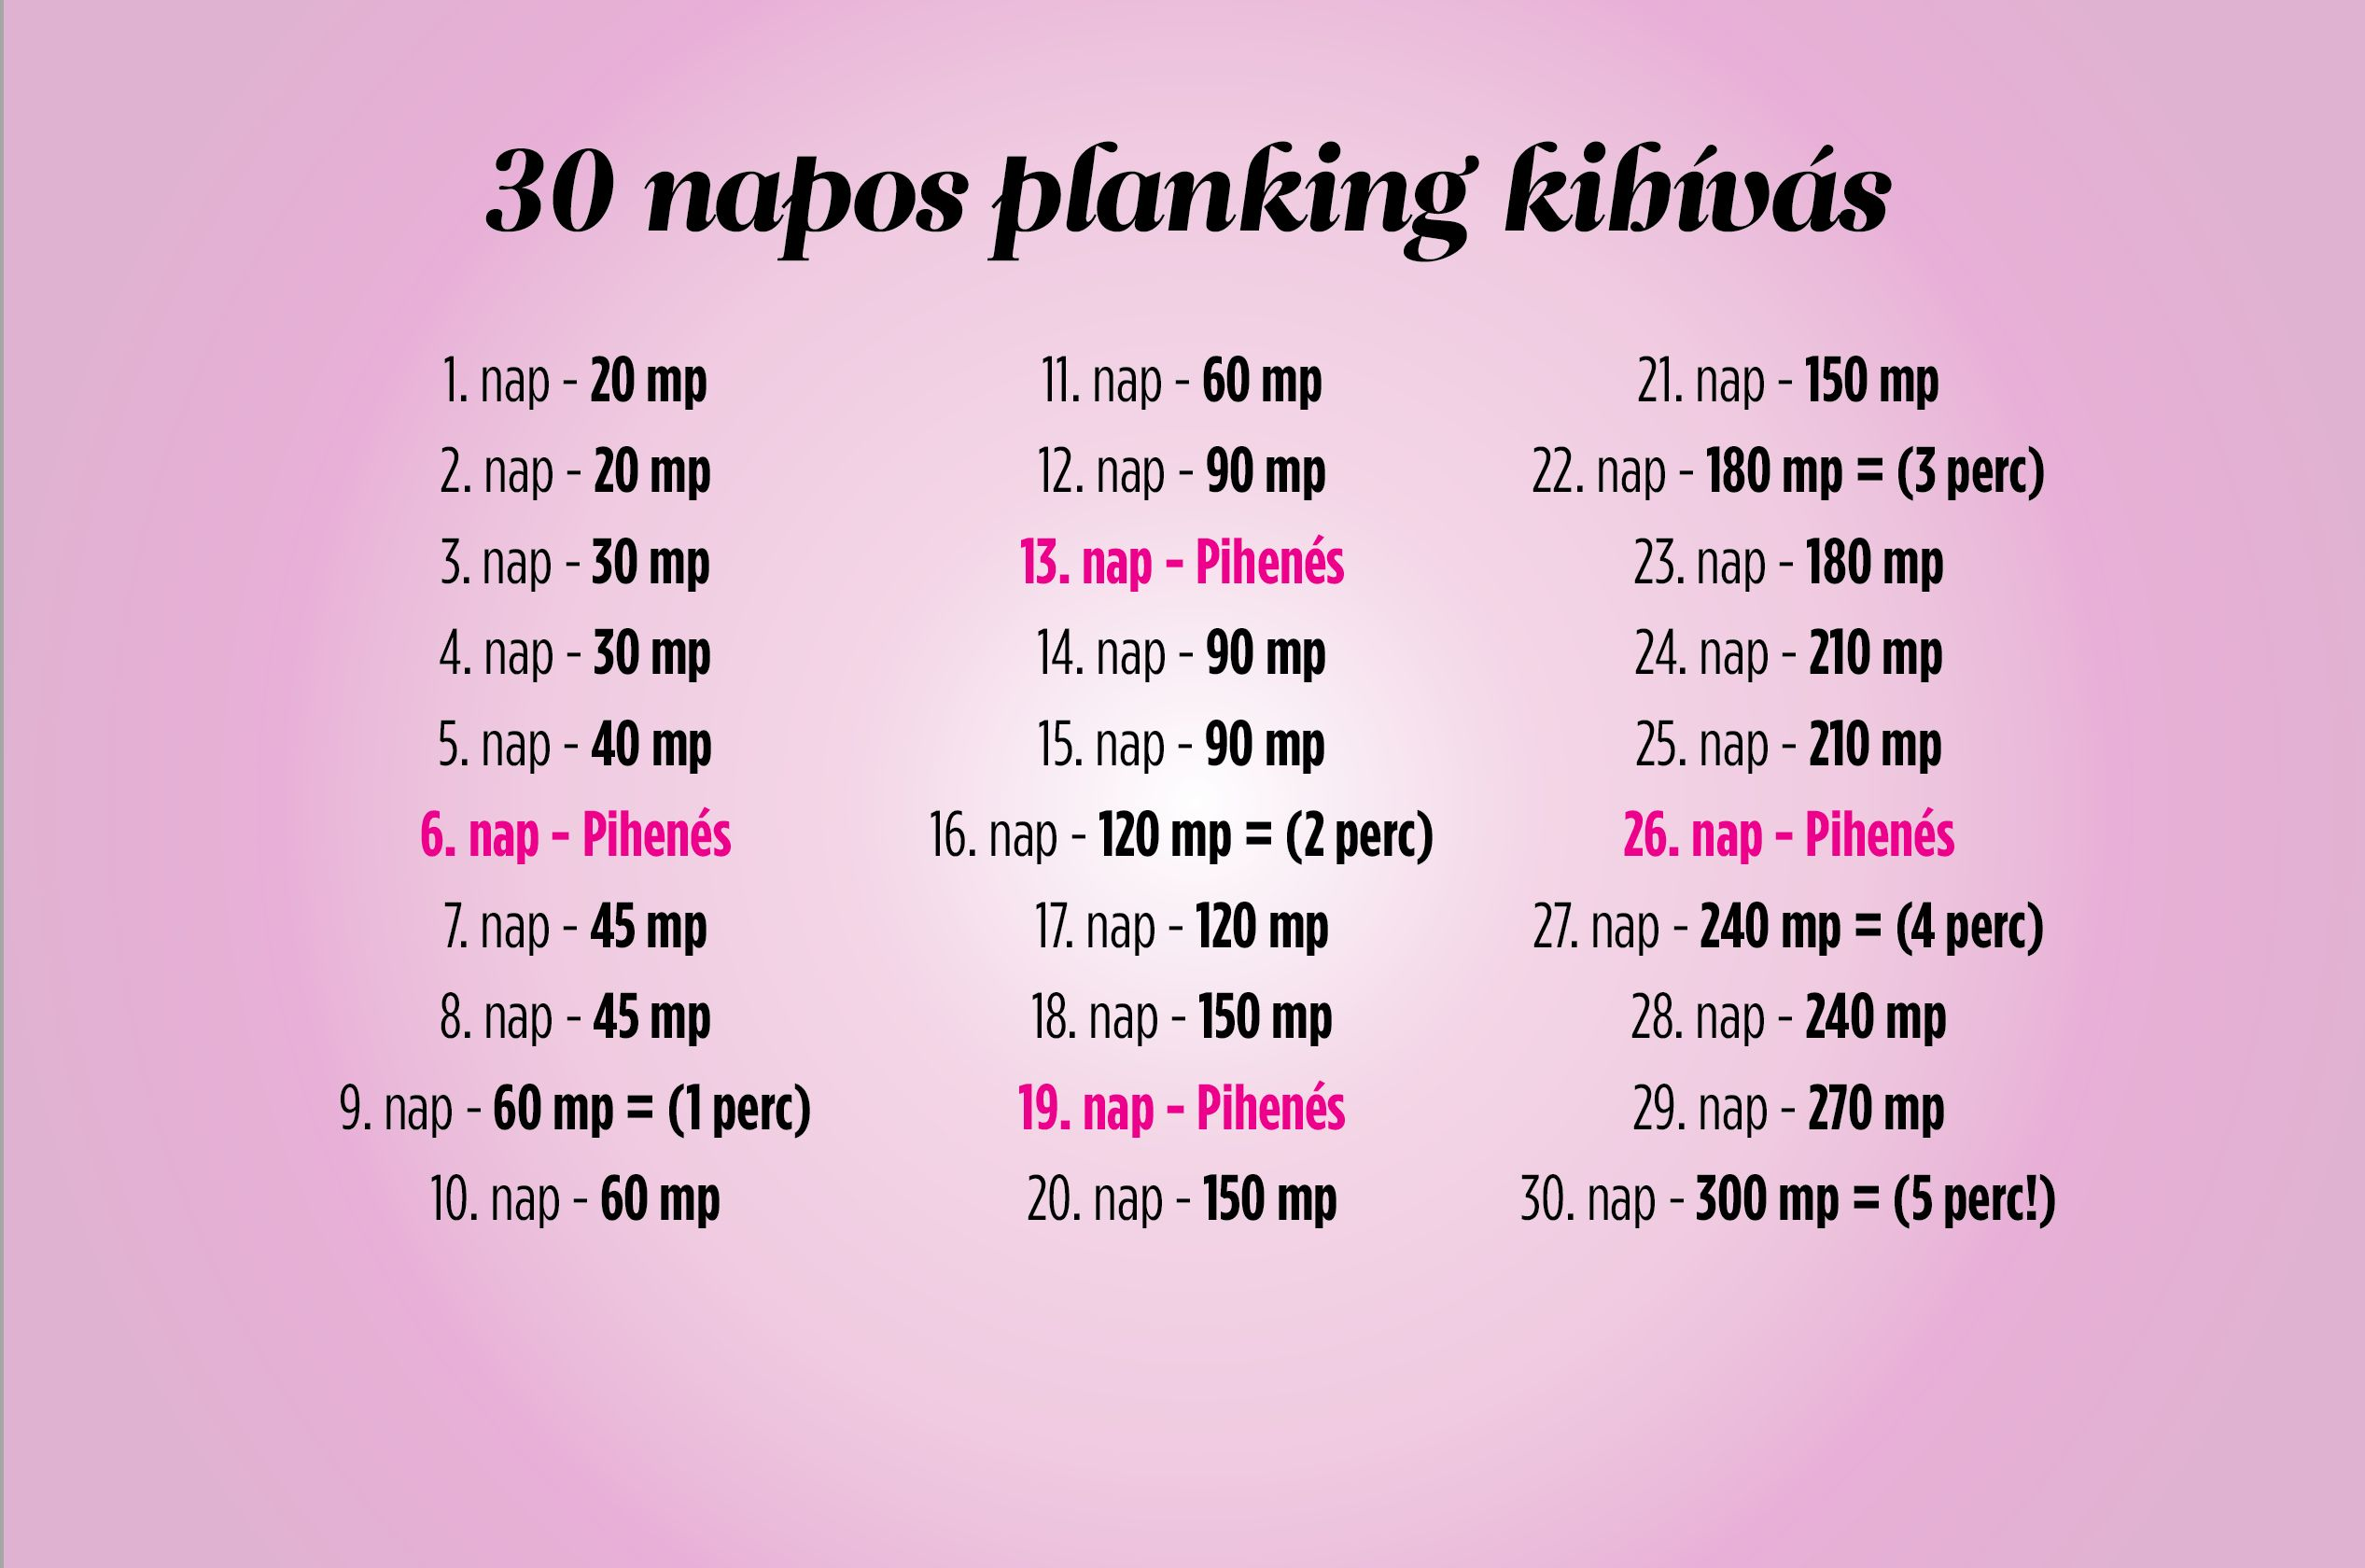 24 napos kihívás fogyás. Egészség, mozgás, fogyás